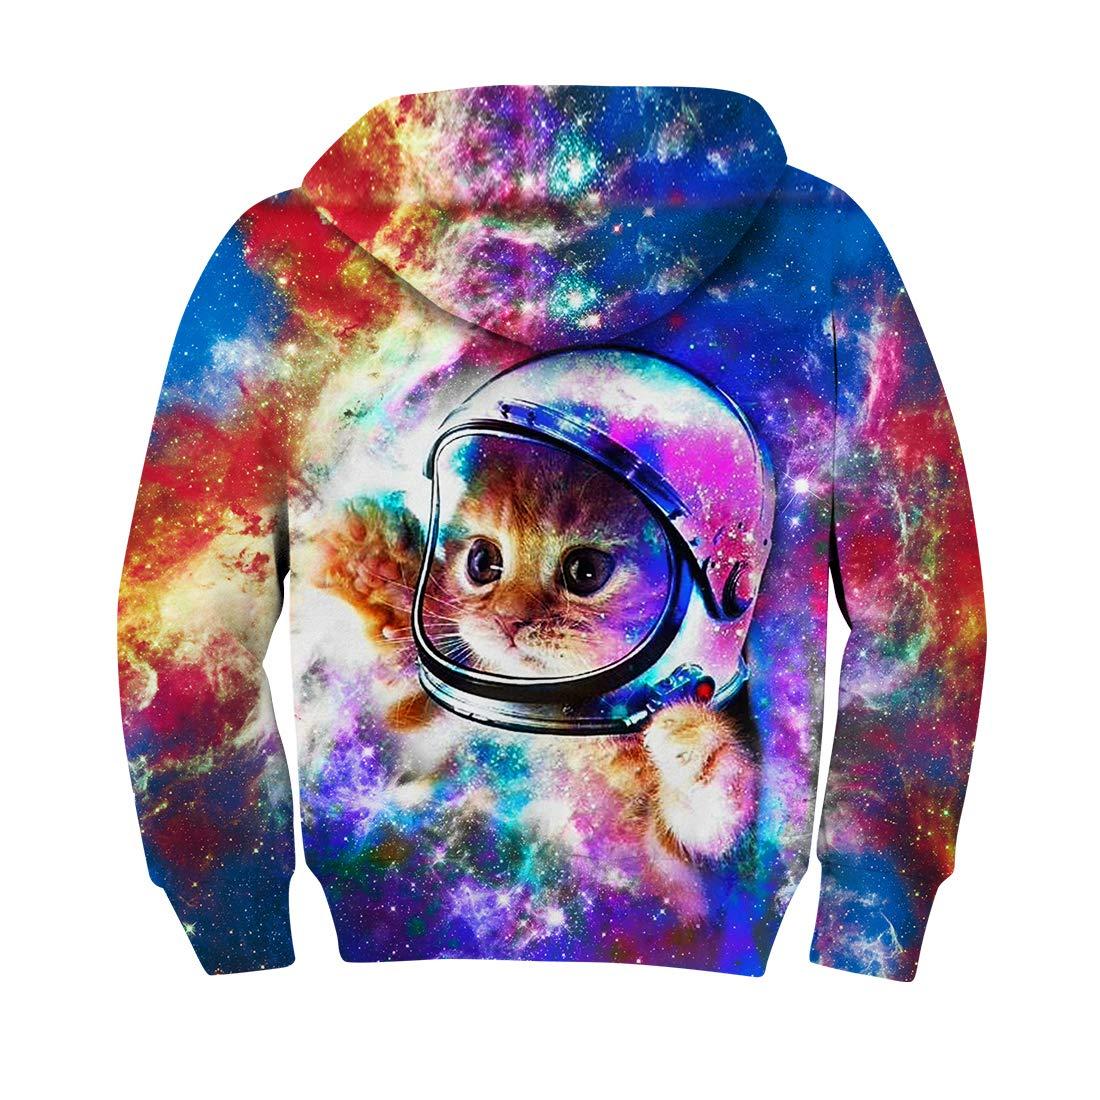 RAISEVERN Teen Jungen Mädchen 3D Print Katze im Raum Lässige Sweatshirts Langarm-Tasche Pullover Kapuzenpullover 5-8 T Kids